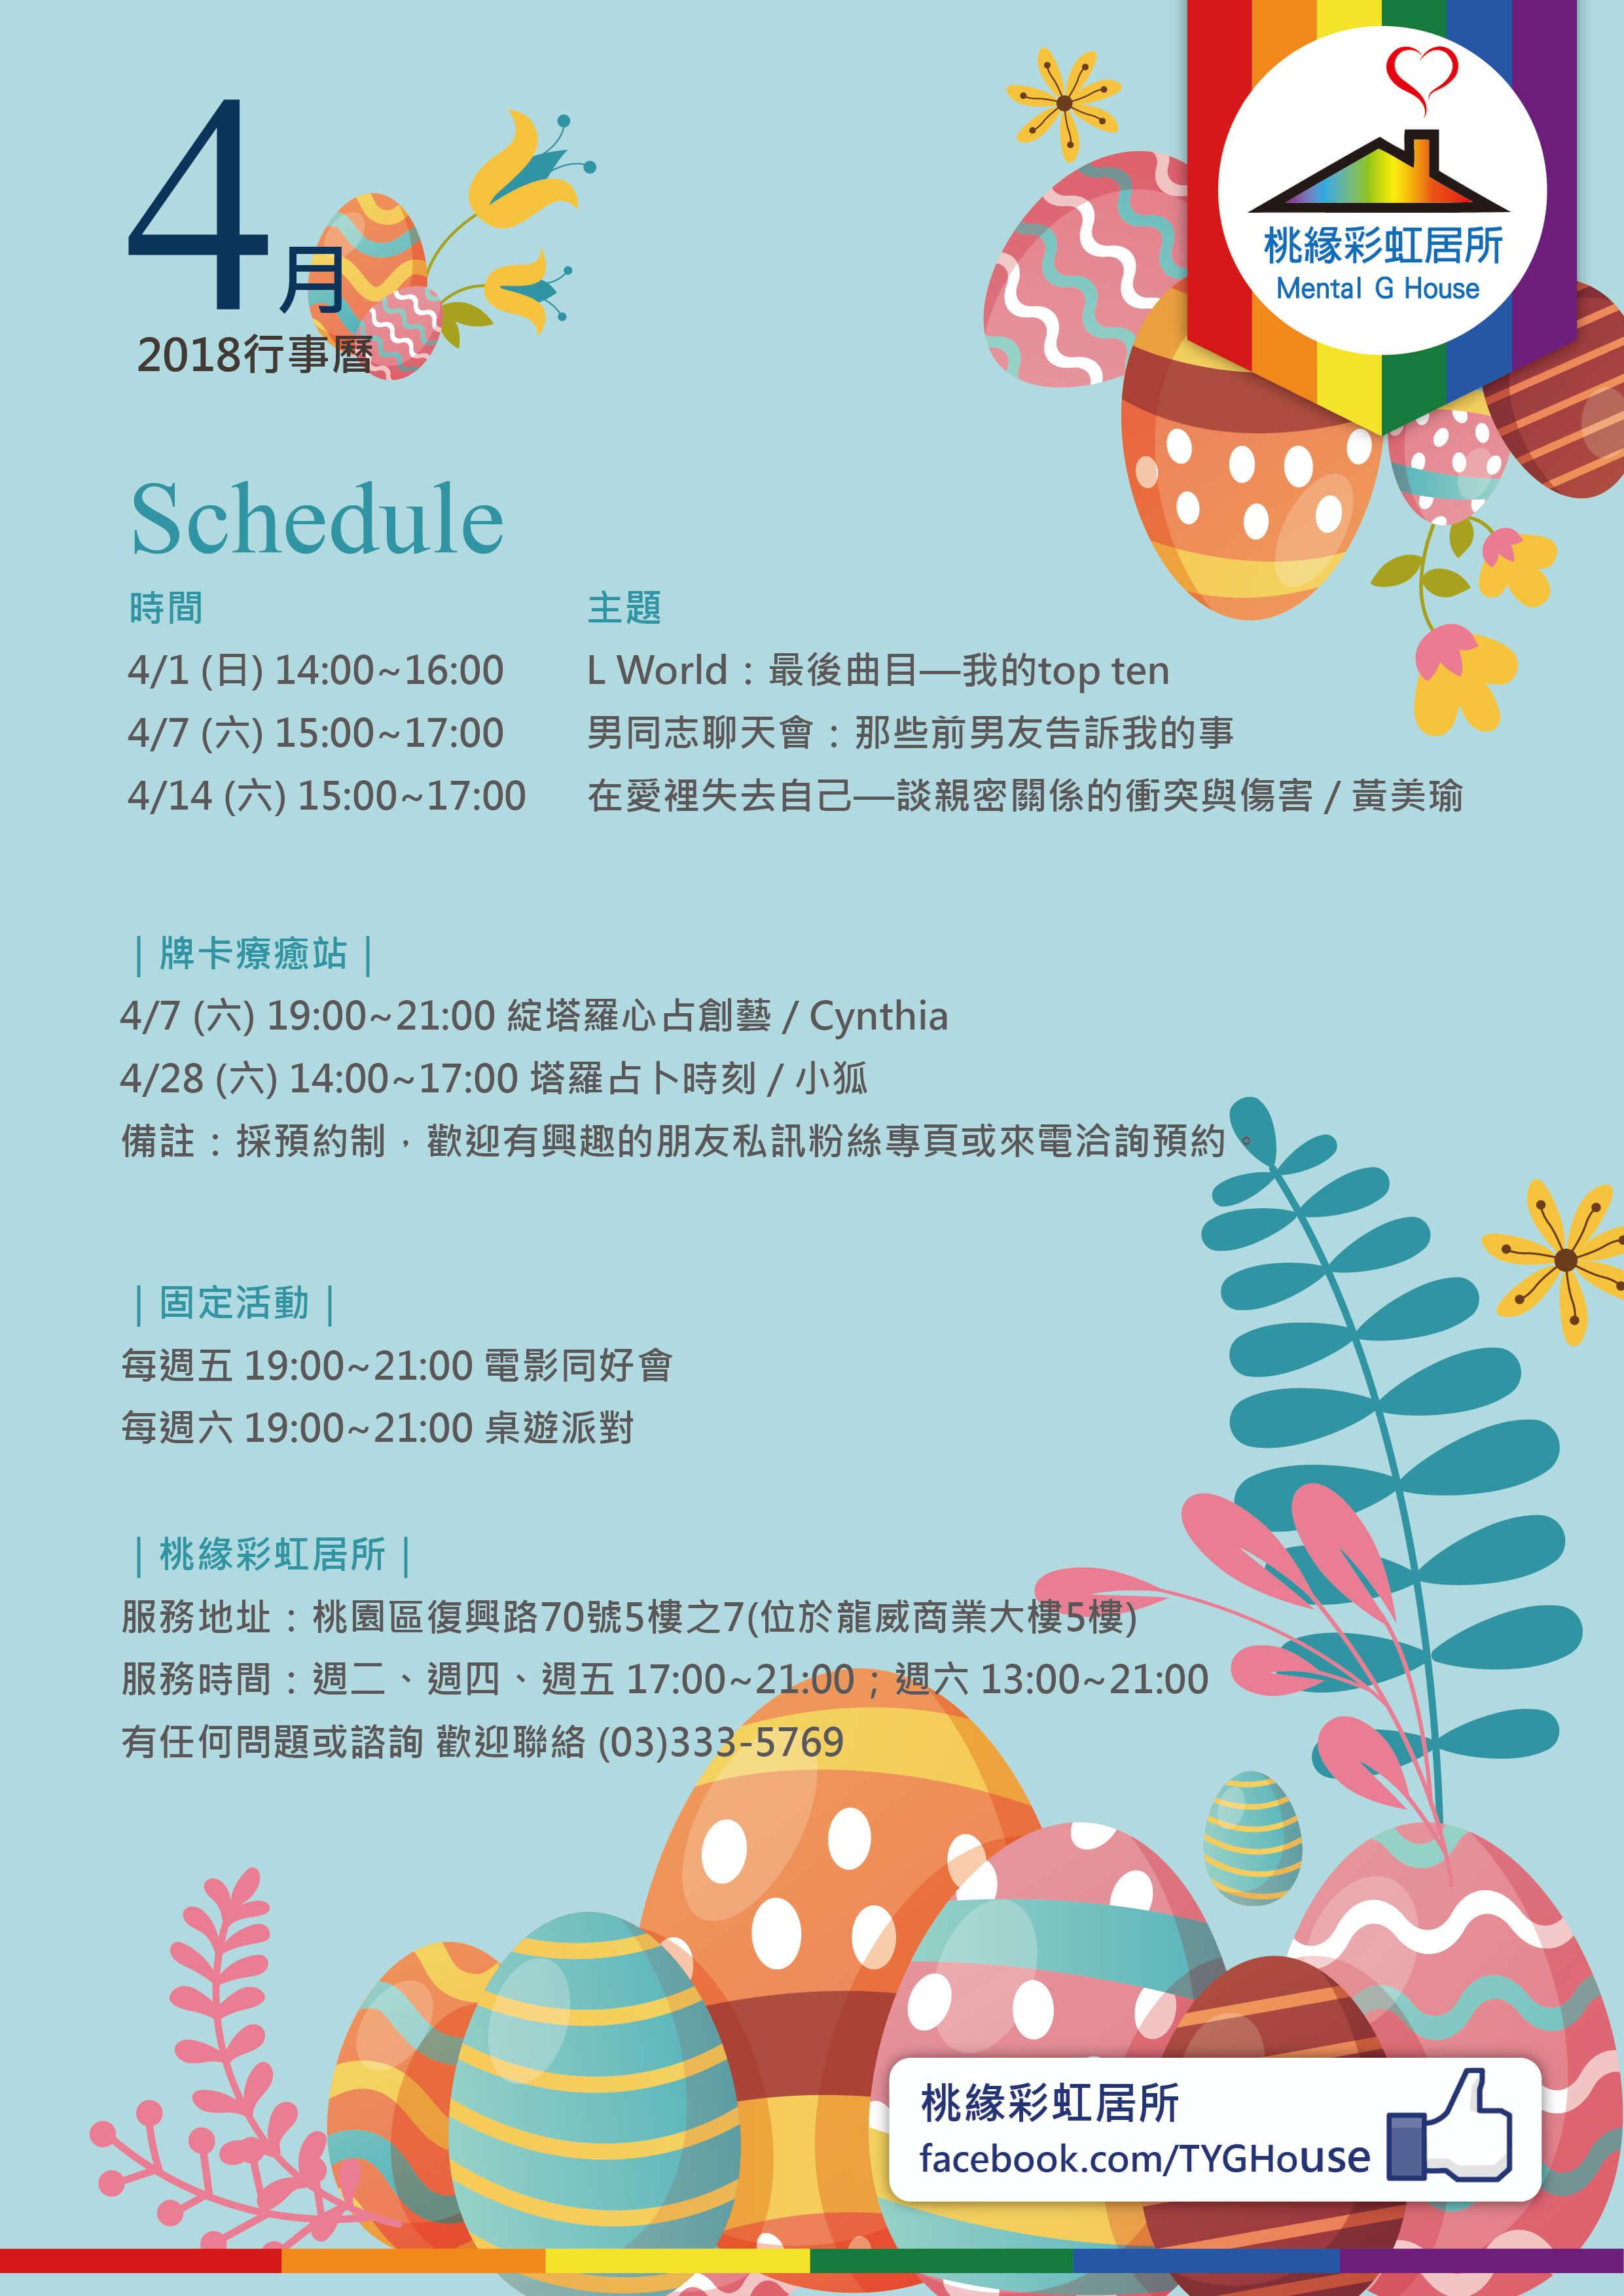 107年度桃緣彩虹居所4月份行事曆